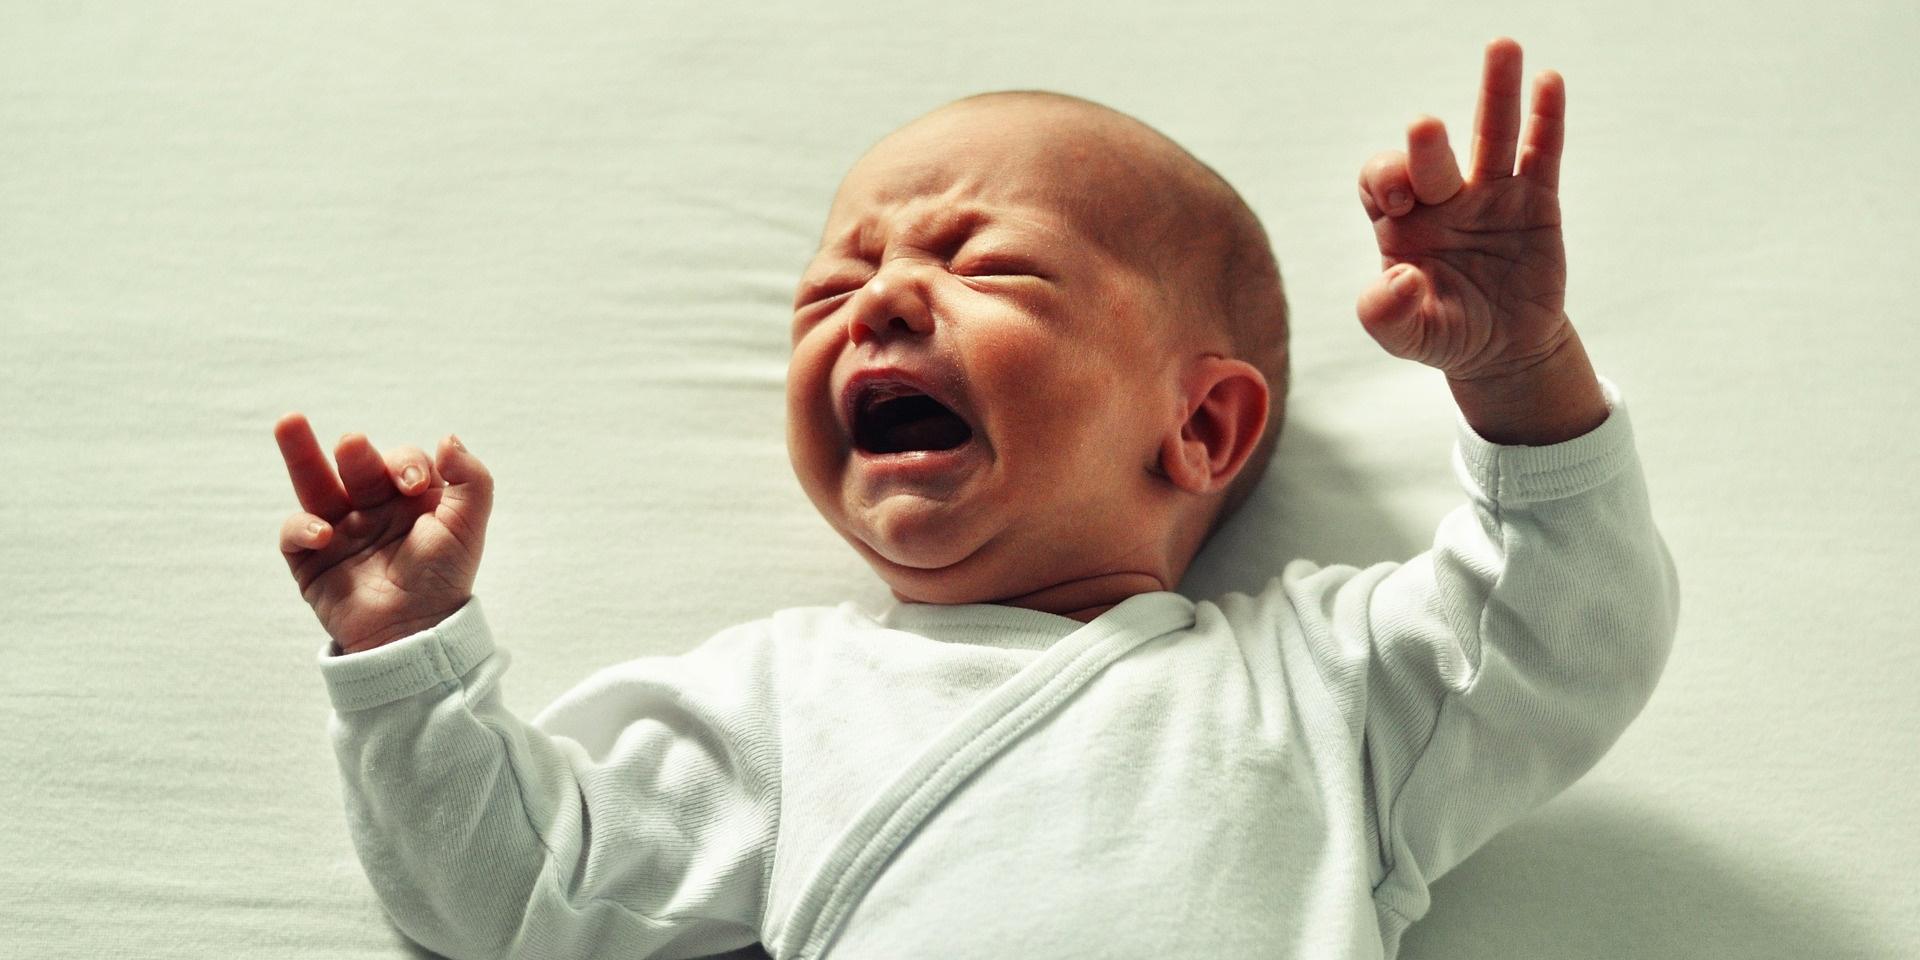 Symptômes, origine, soins possibles : que sait-on des coliques des bébés ?